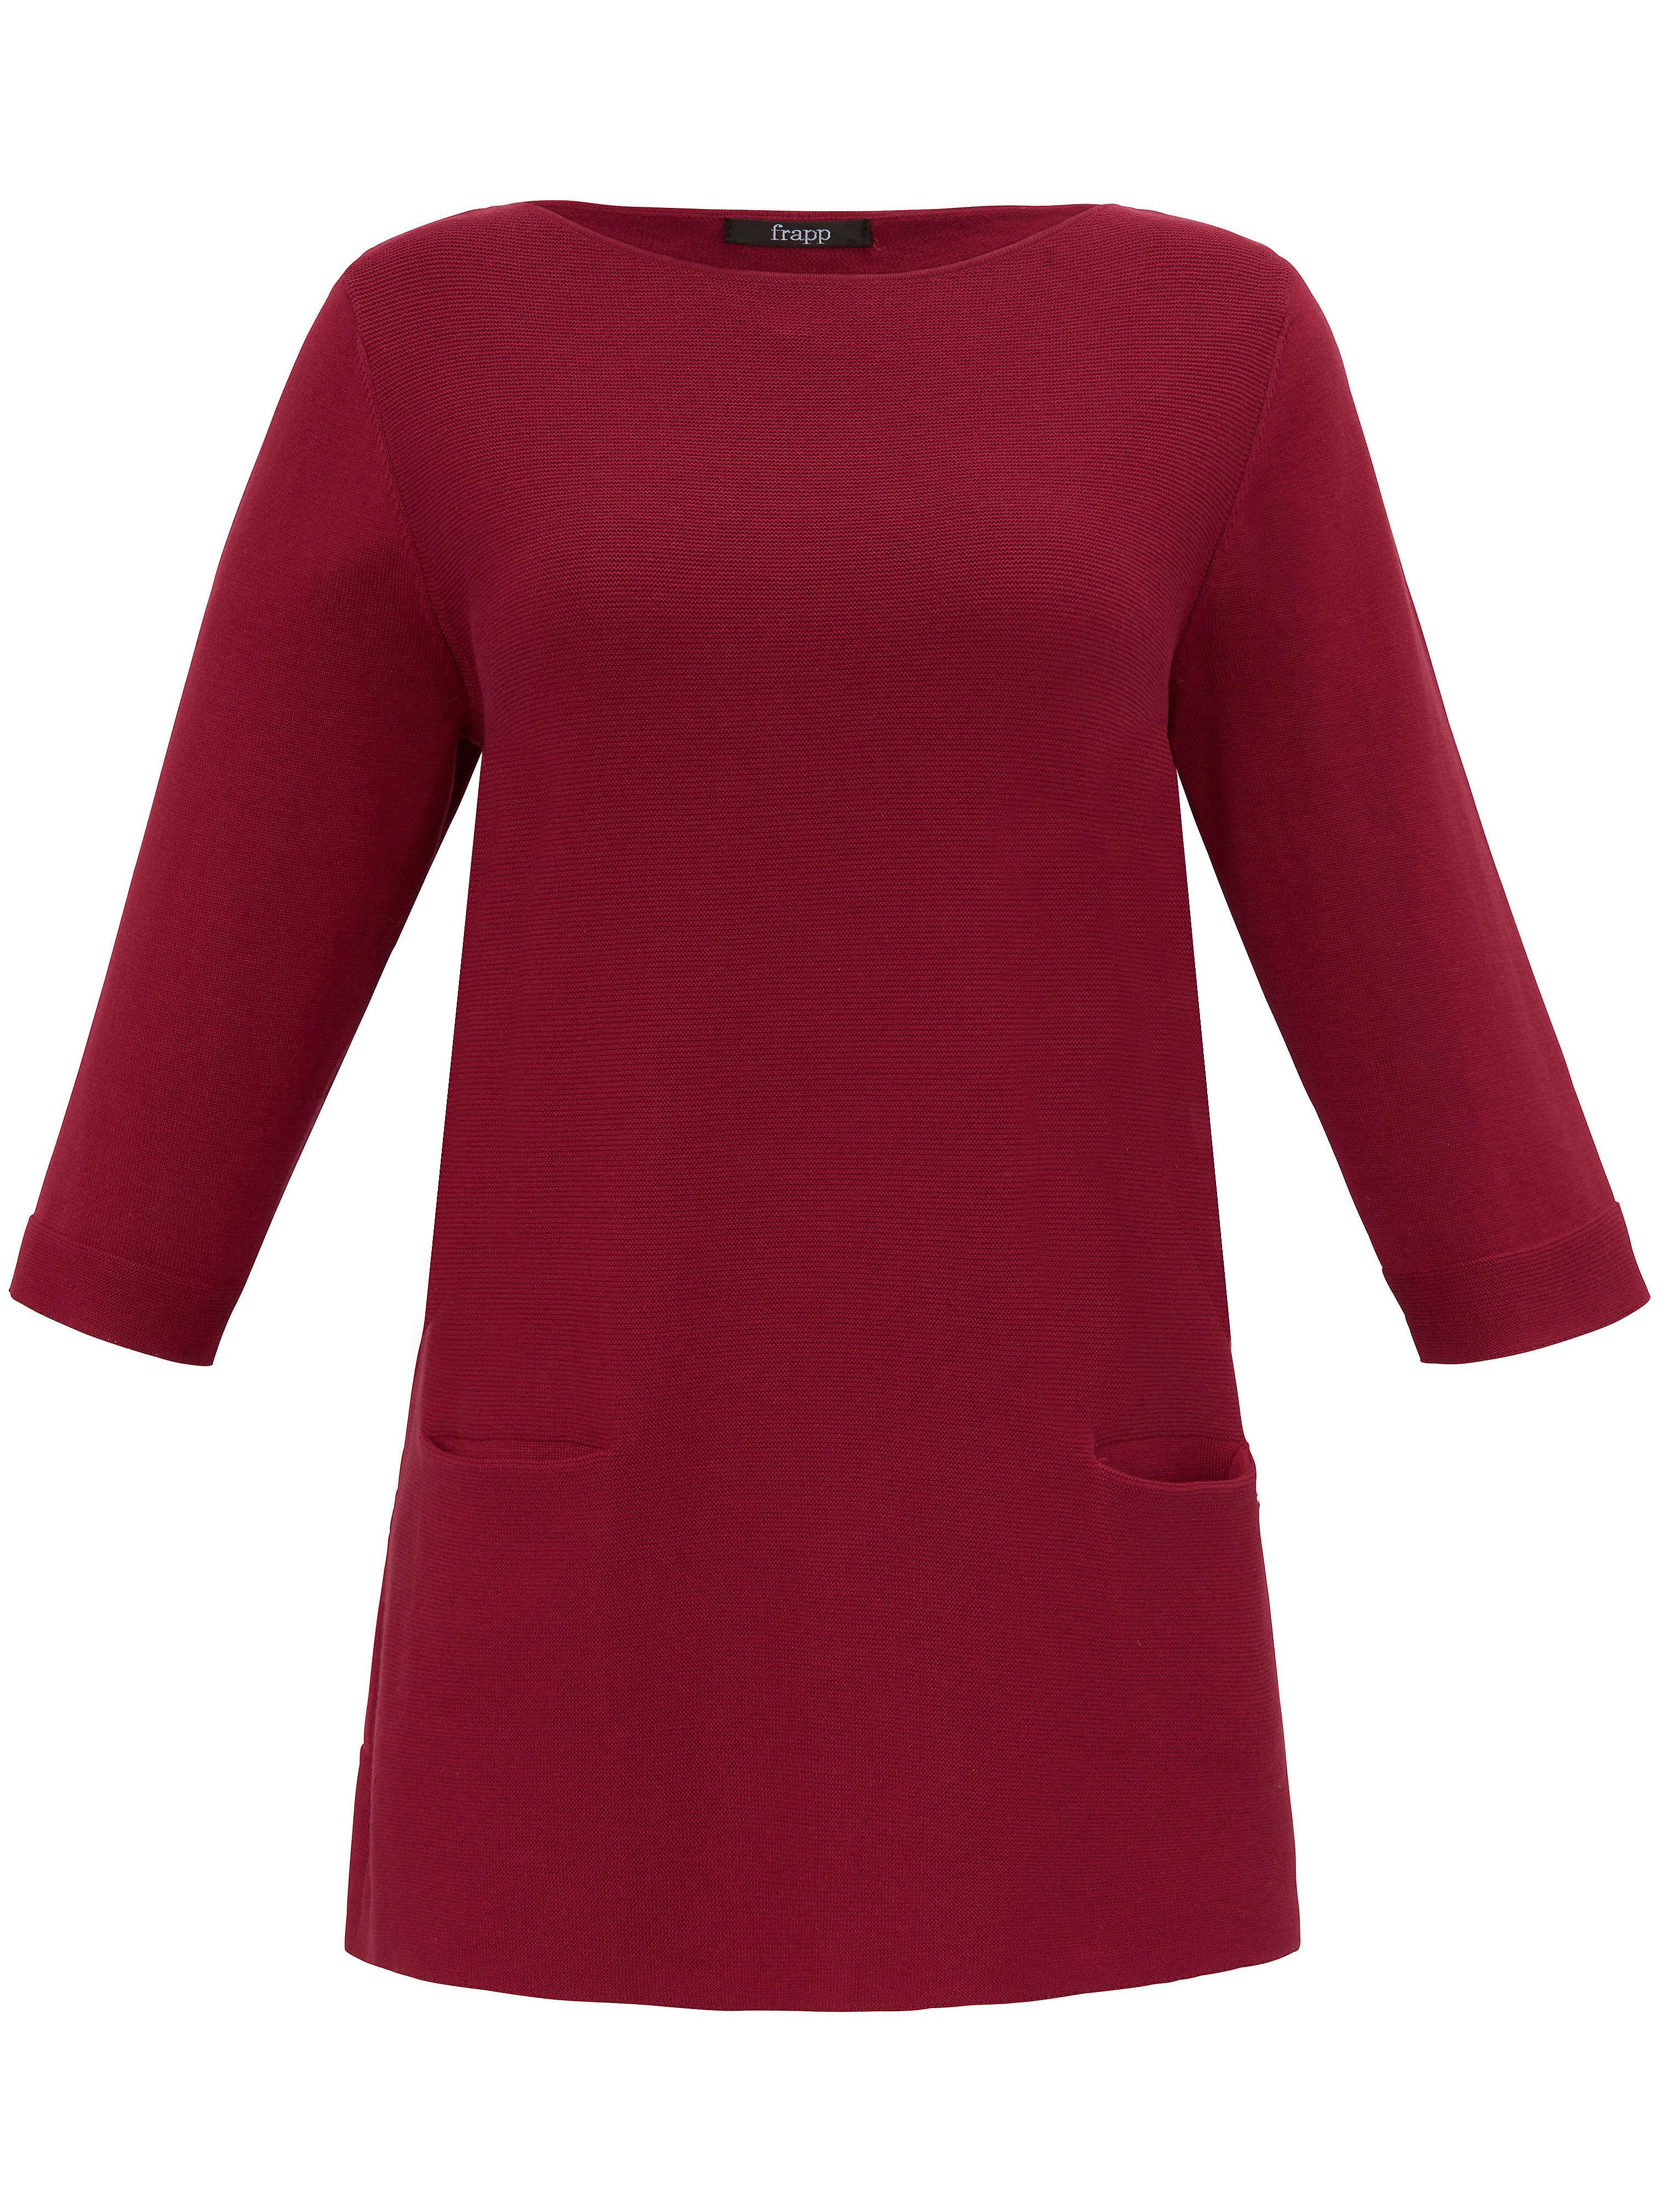 Image of   Bluse rund hals og 3/4-ærmer Fra FRAPP rød